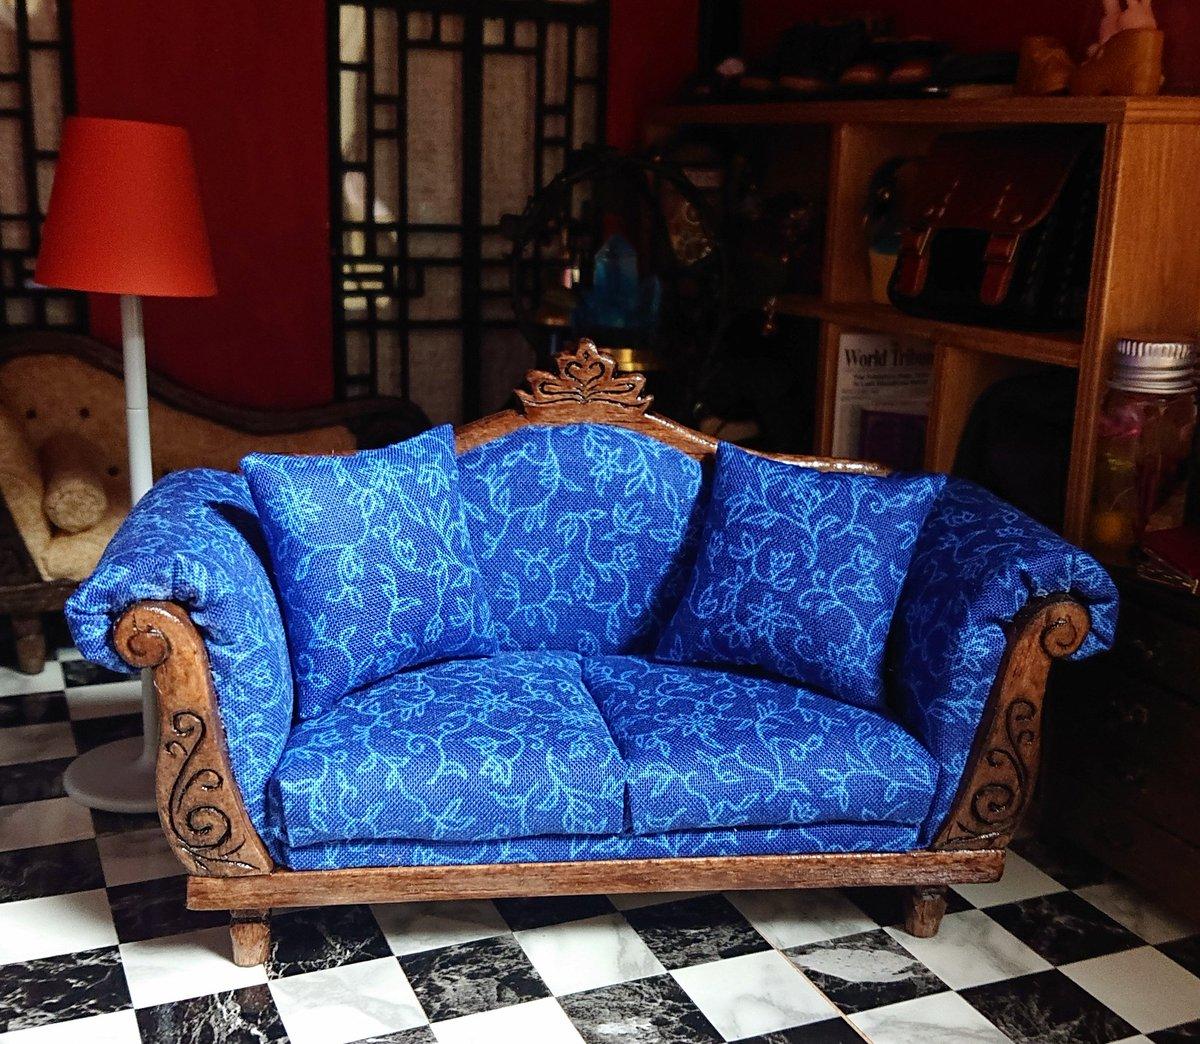 青いソファの完成です😄👍✨  鮮やかな青い布が綺麗です✨  #ドールオーナーさんと繋がりたい  #artevarie https://t.co/de4n1O57wZ